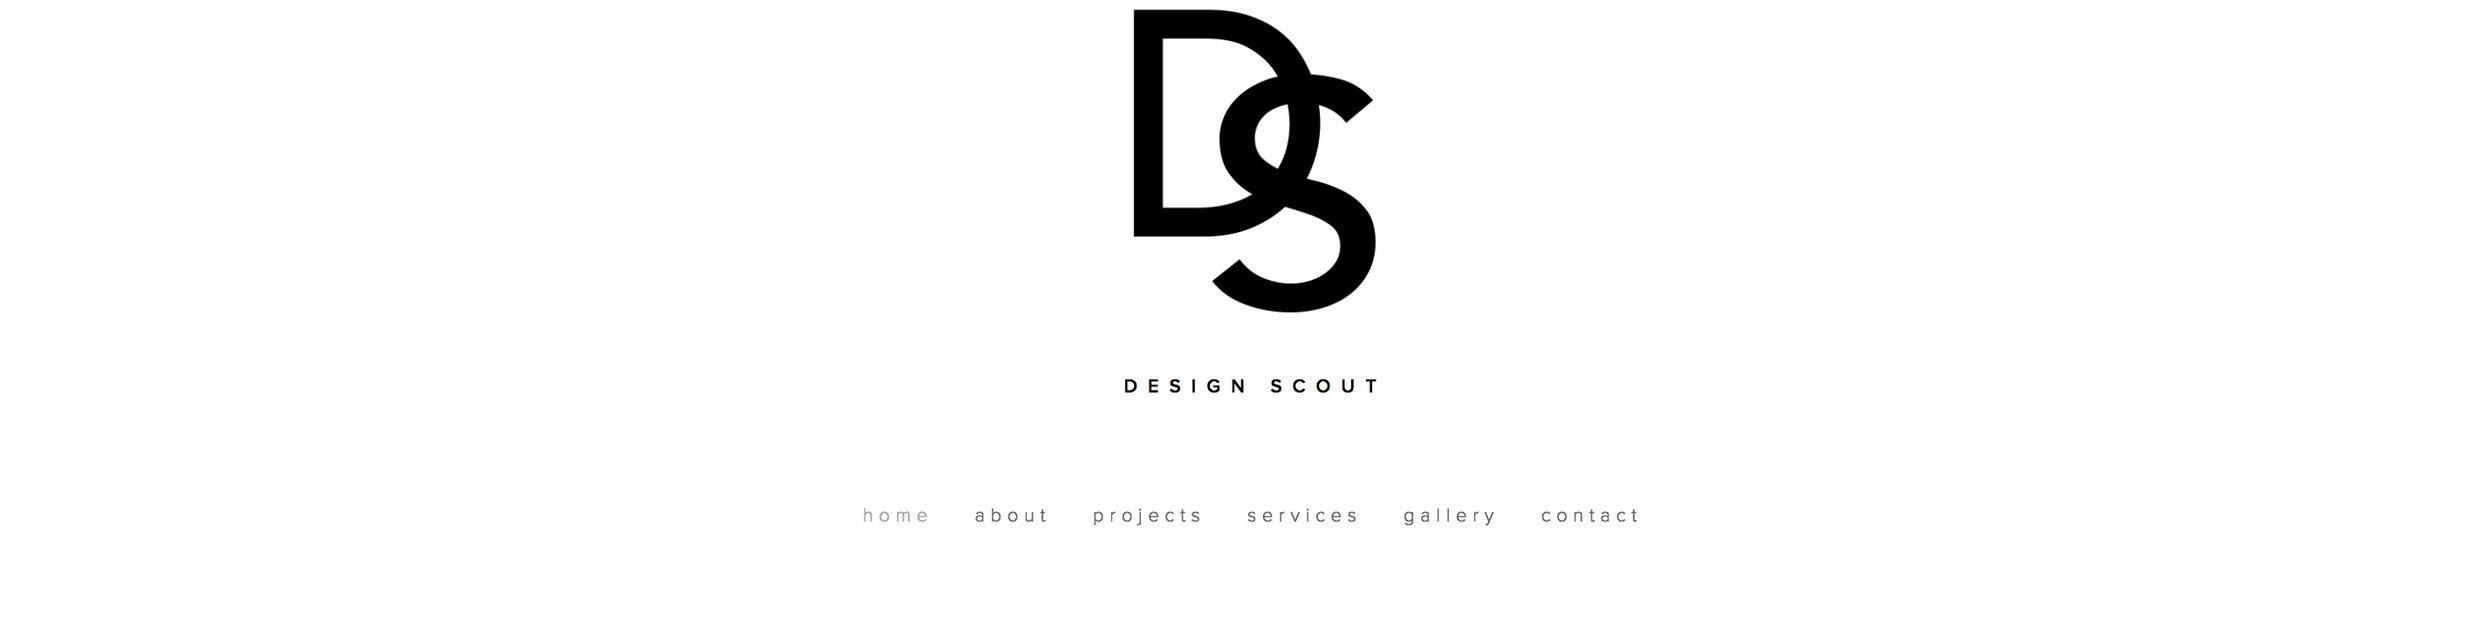 Design Scout - website - by Tanika Blair 1.jpg